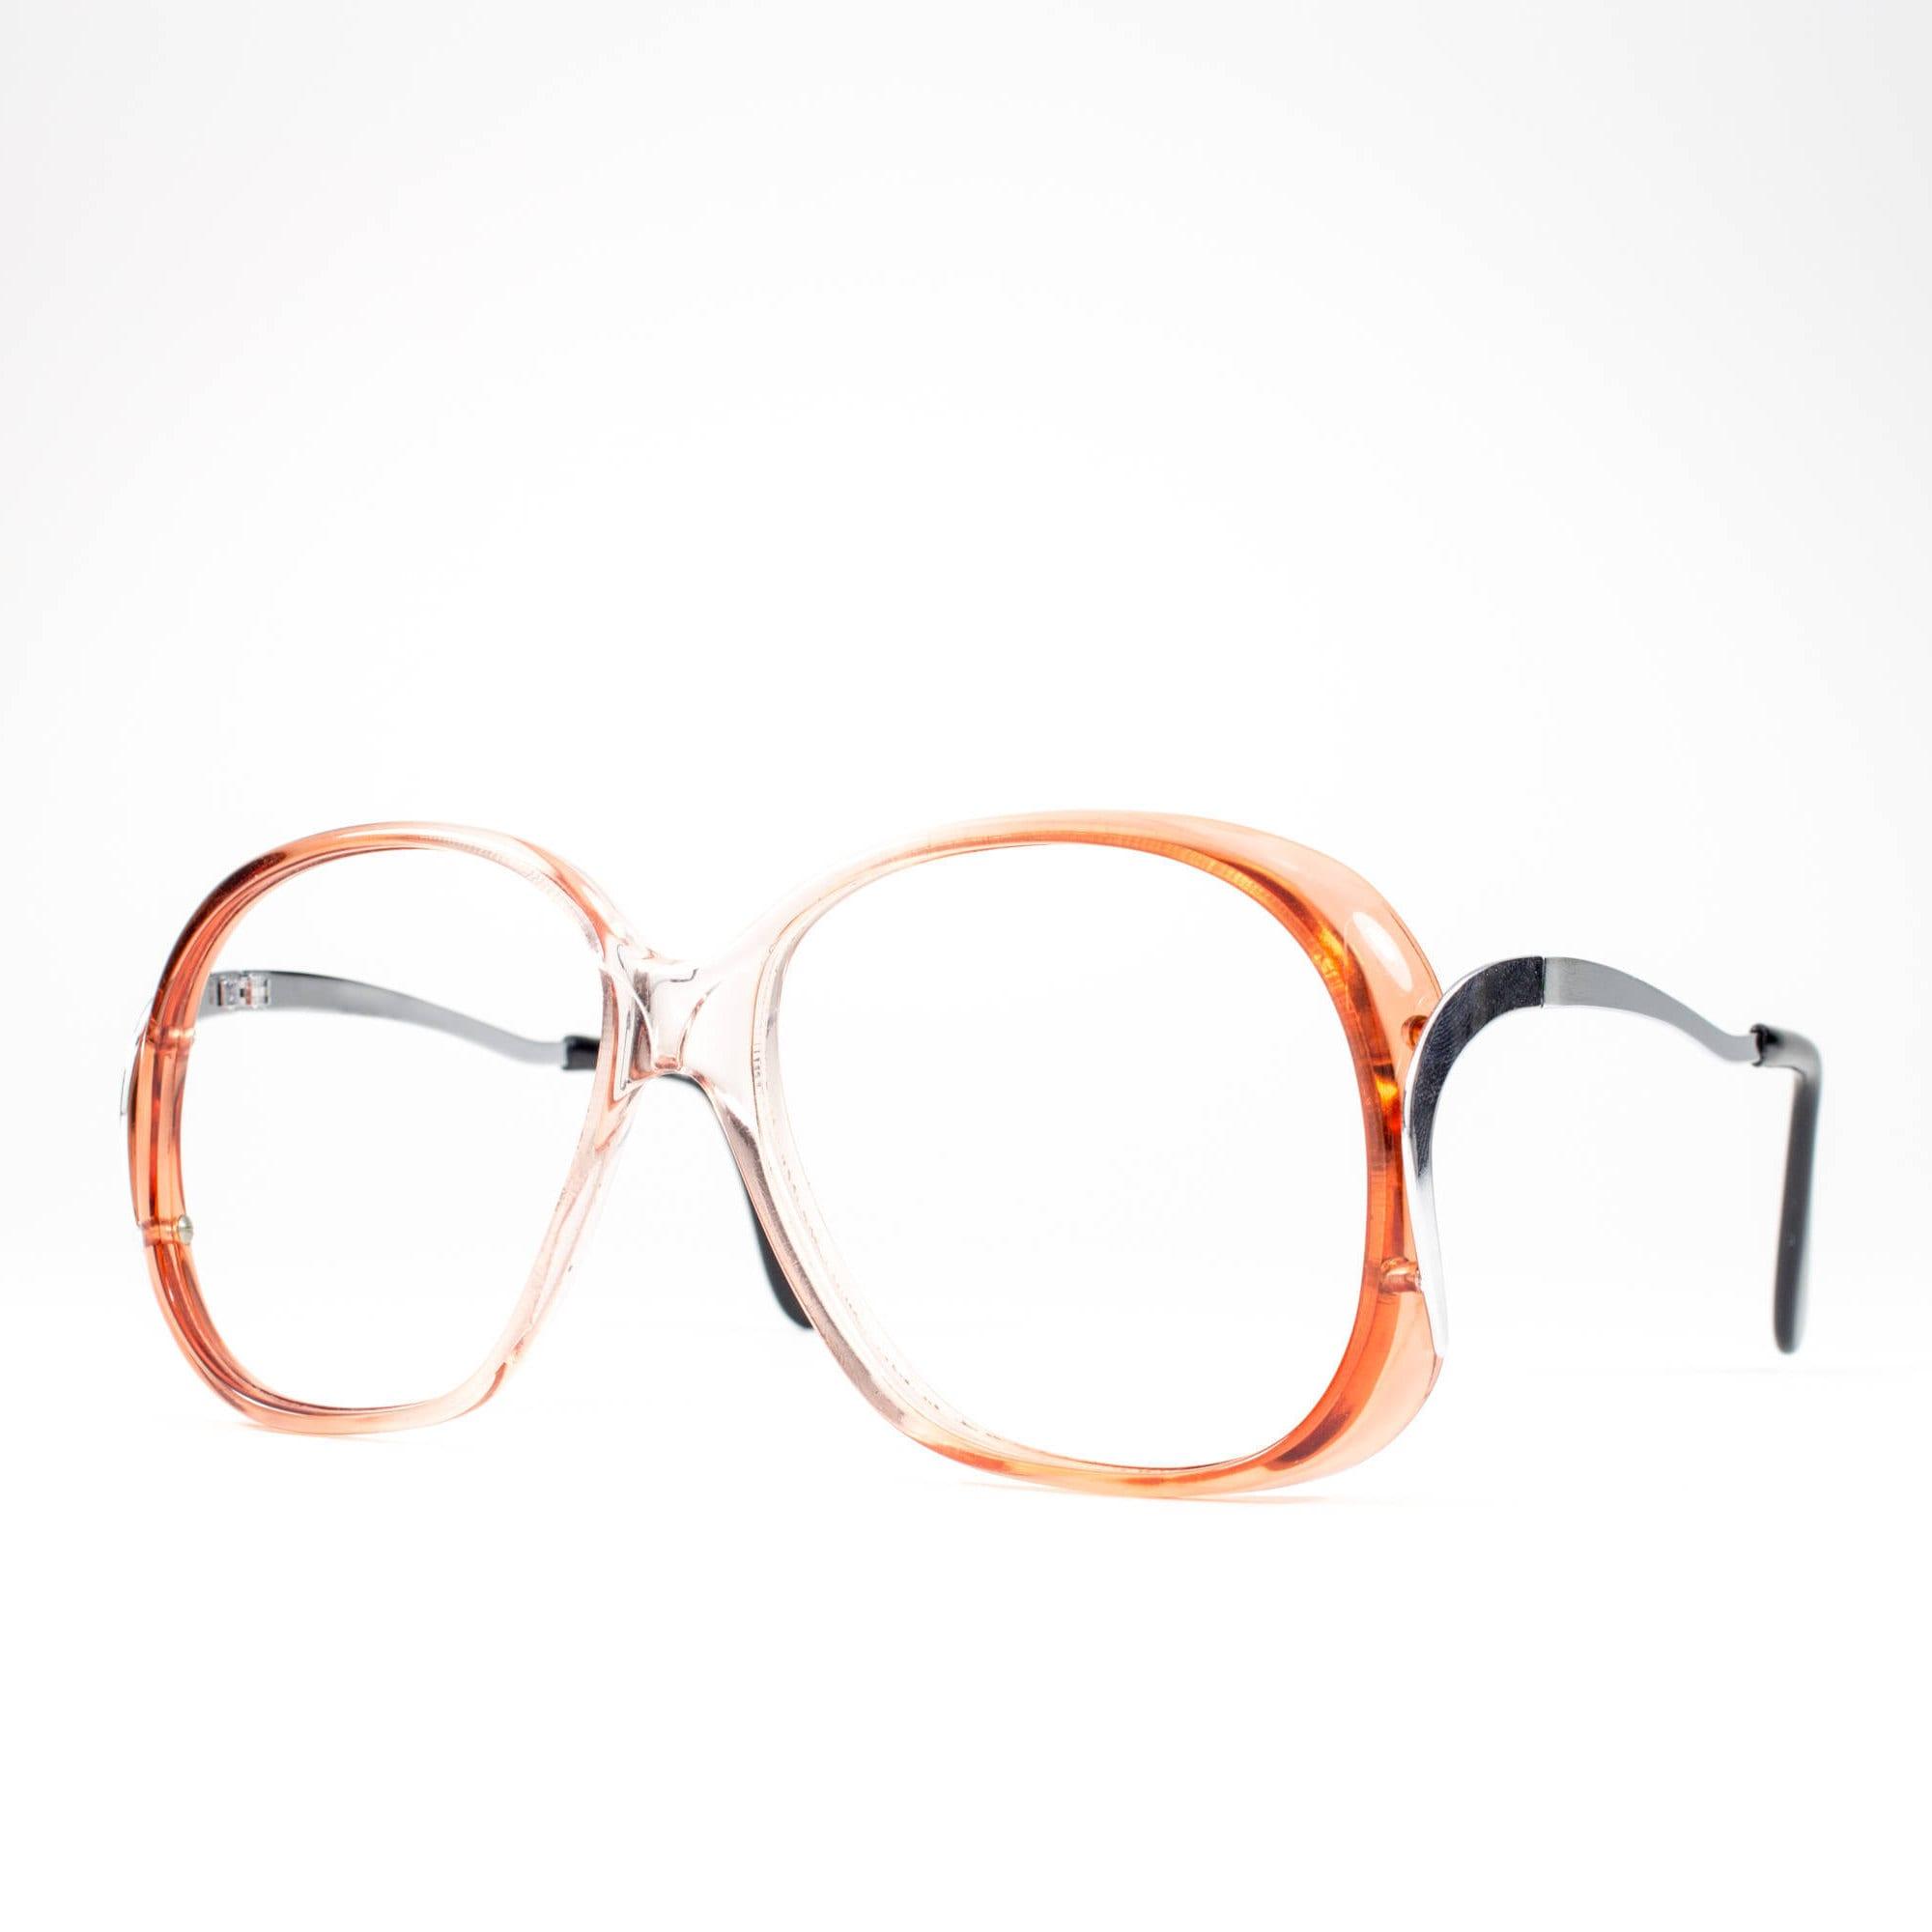 971a5fad94 70s Glasses